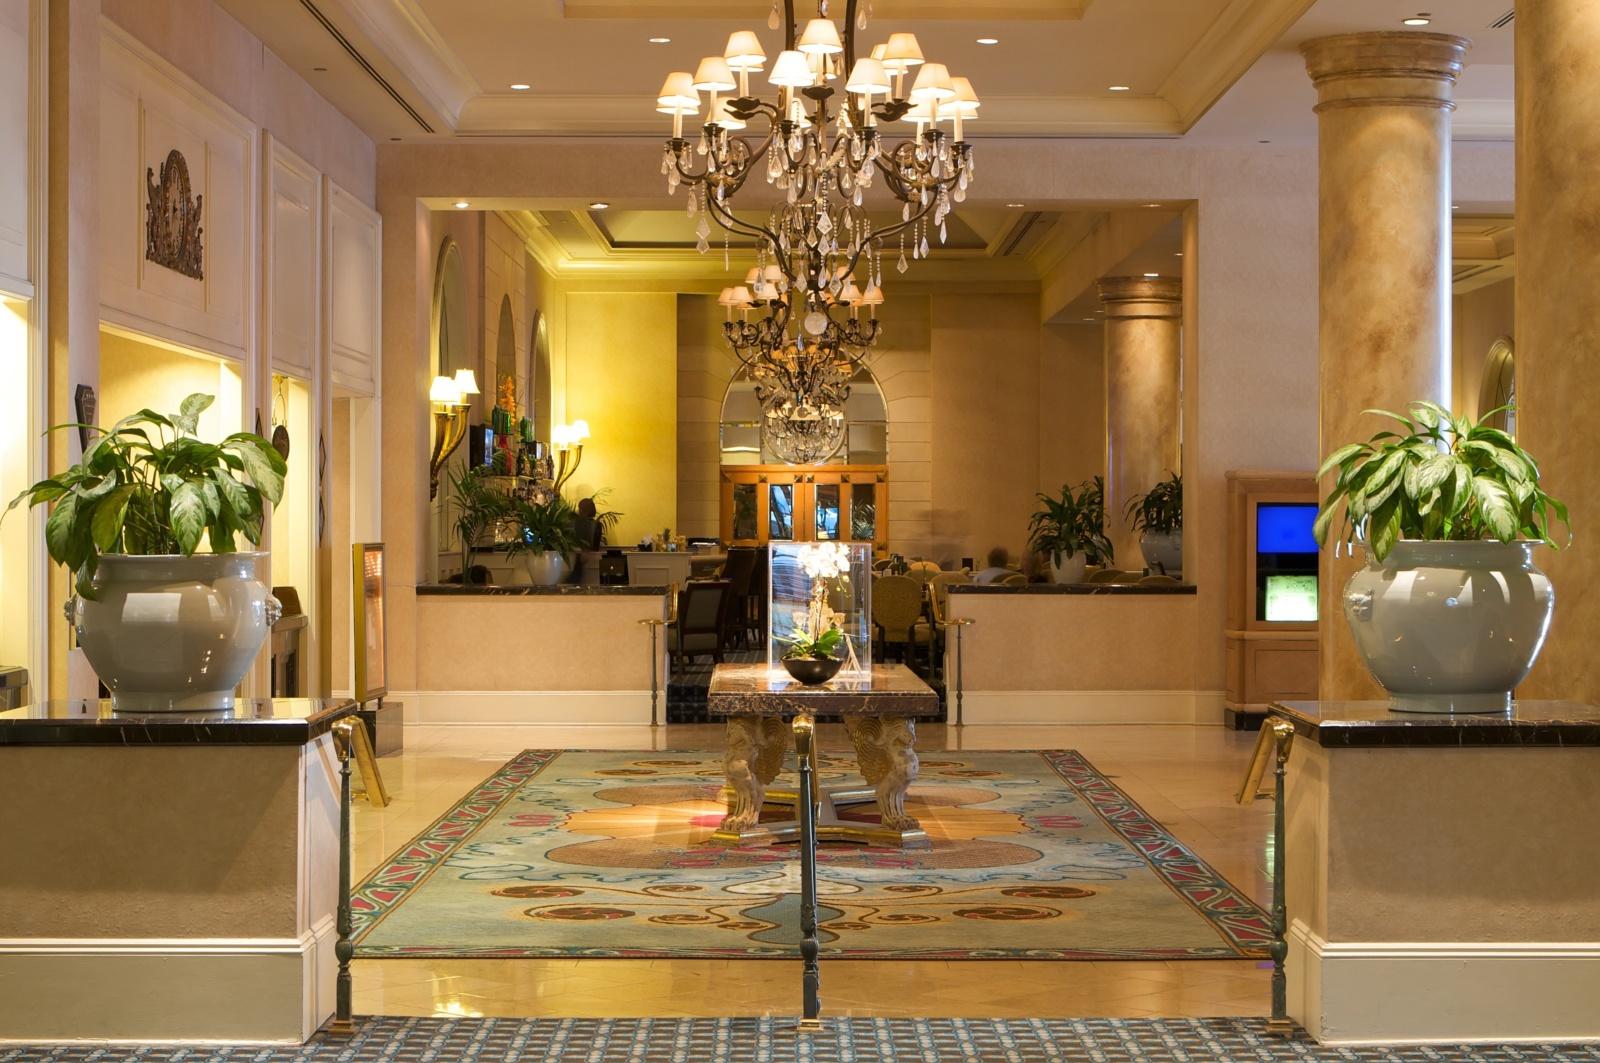 Upscale Hotel Case Study - Tampa, FL